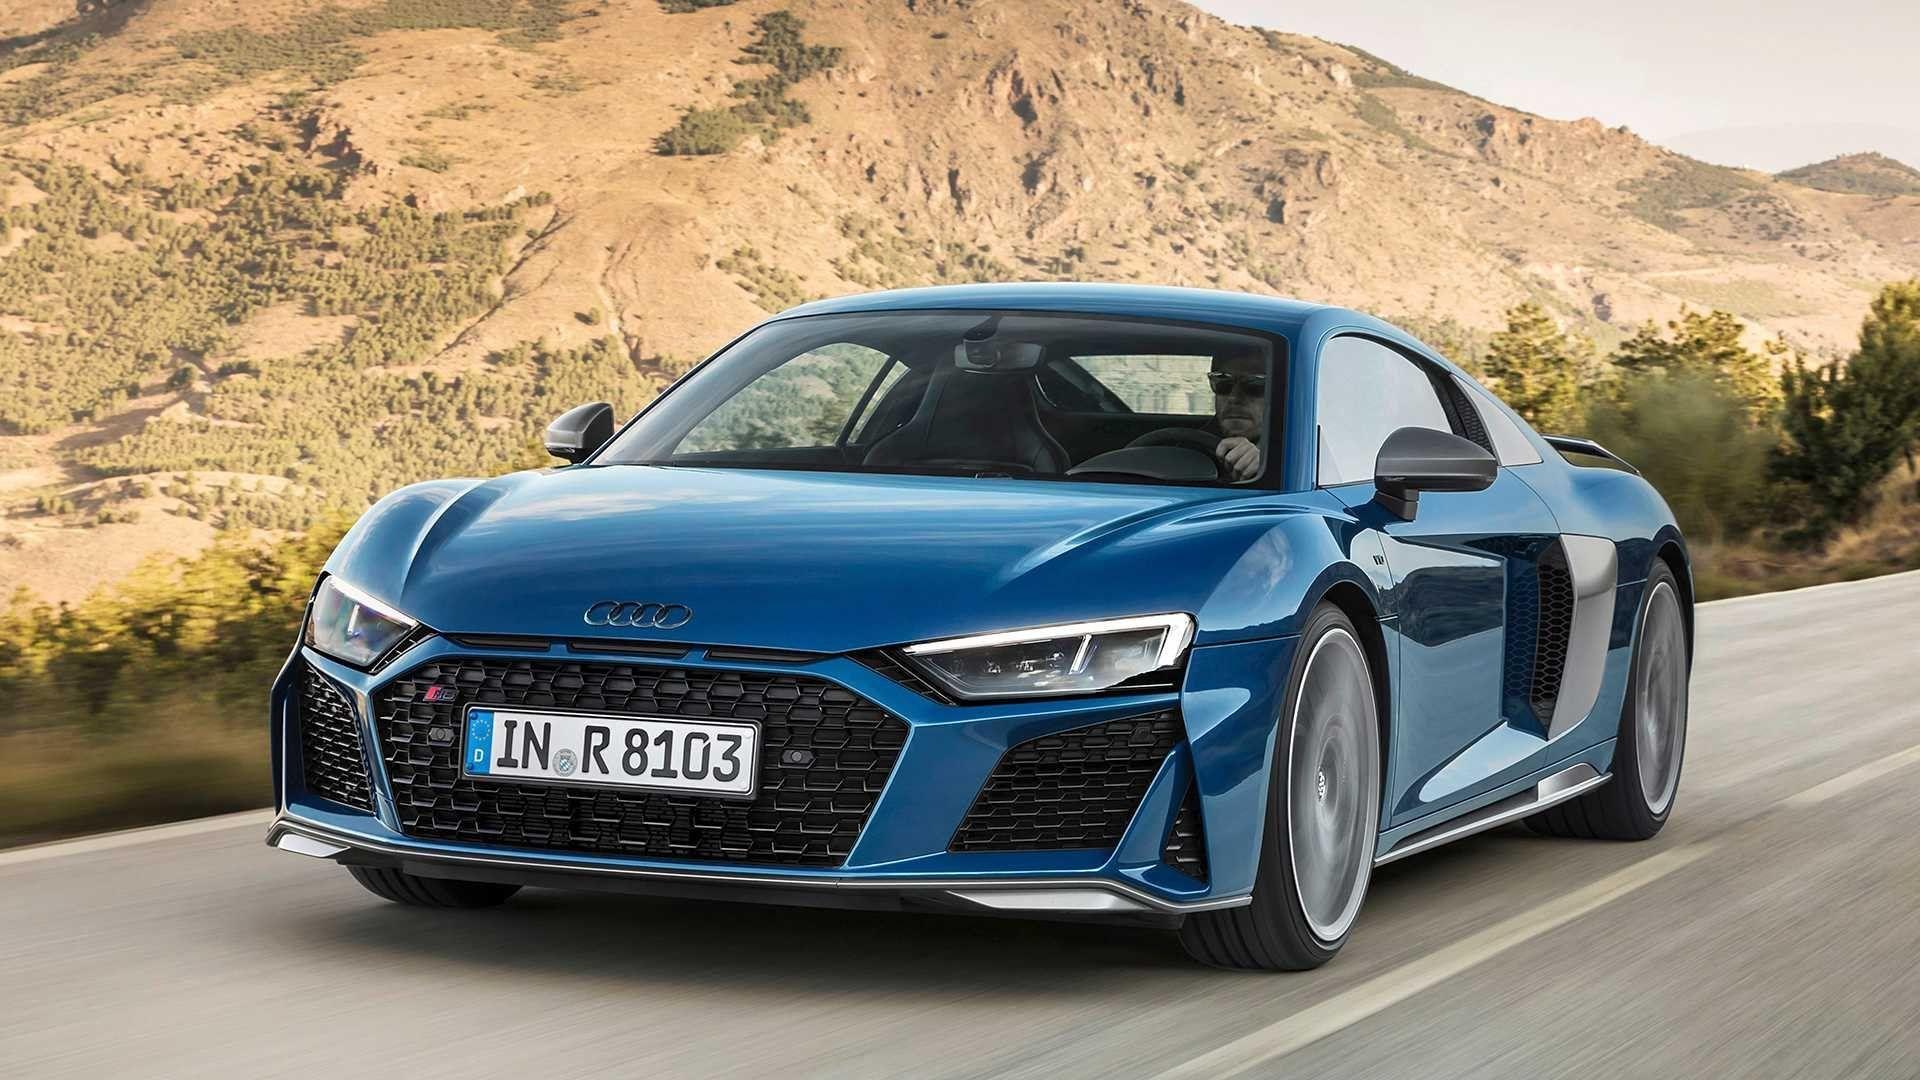 2020 Audi R8 V10 Spyder Specs In 2020 Audi R8 Gt Audi R8 Audi R8 Price